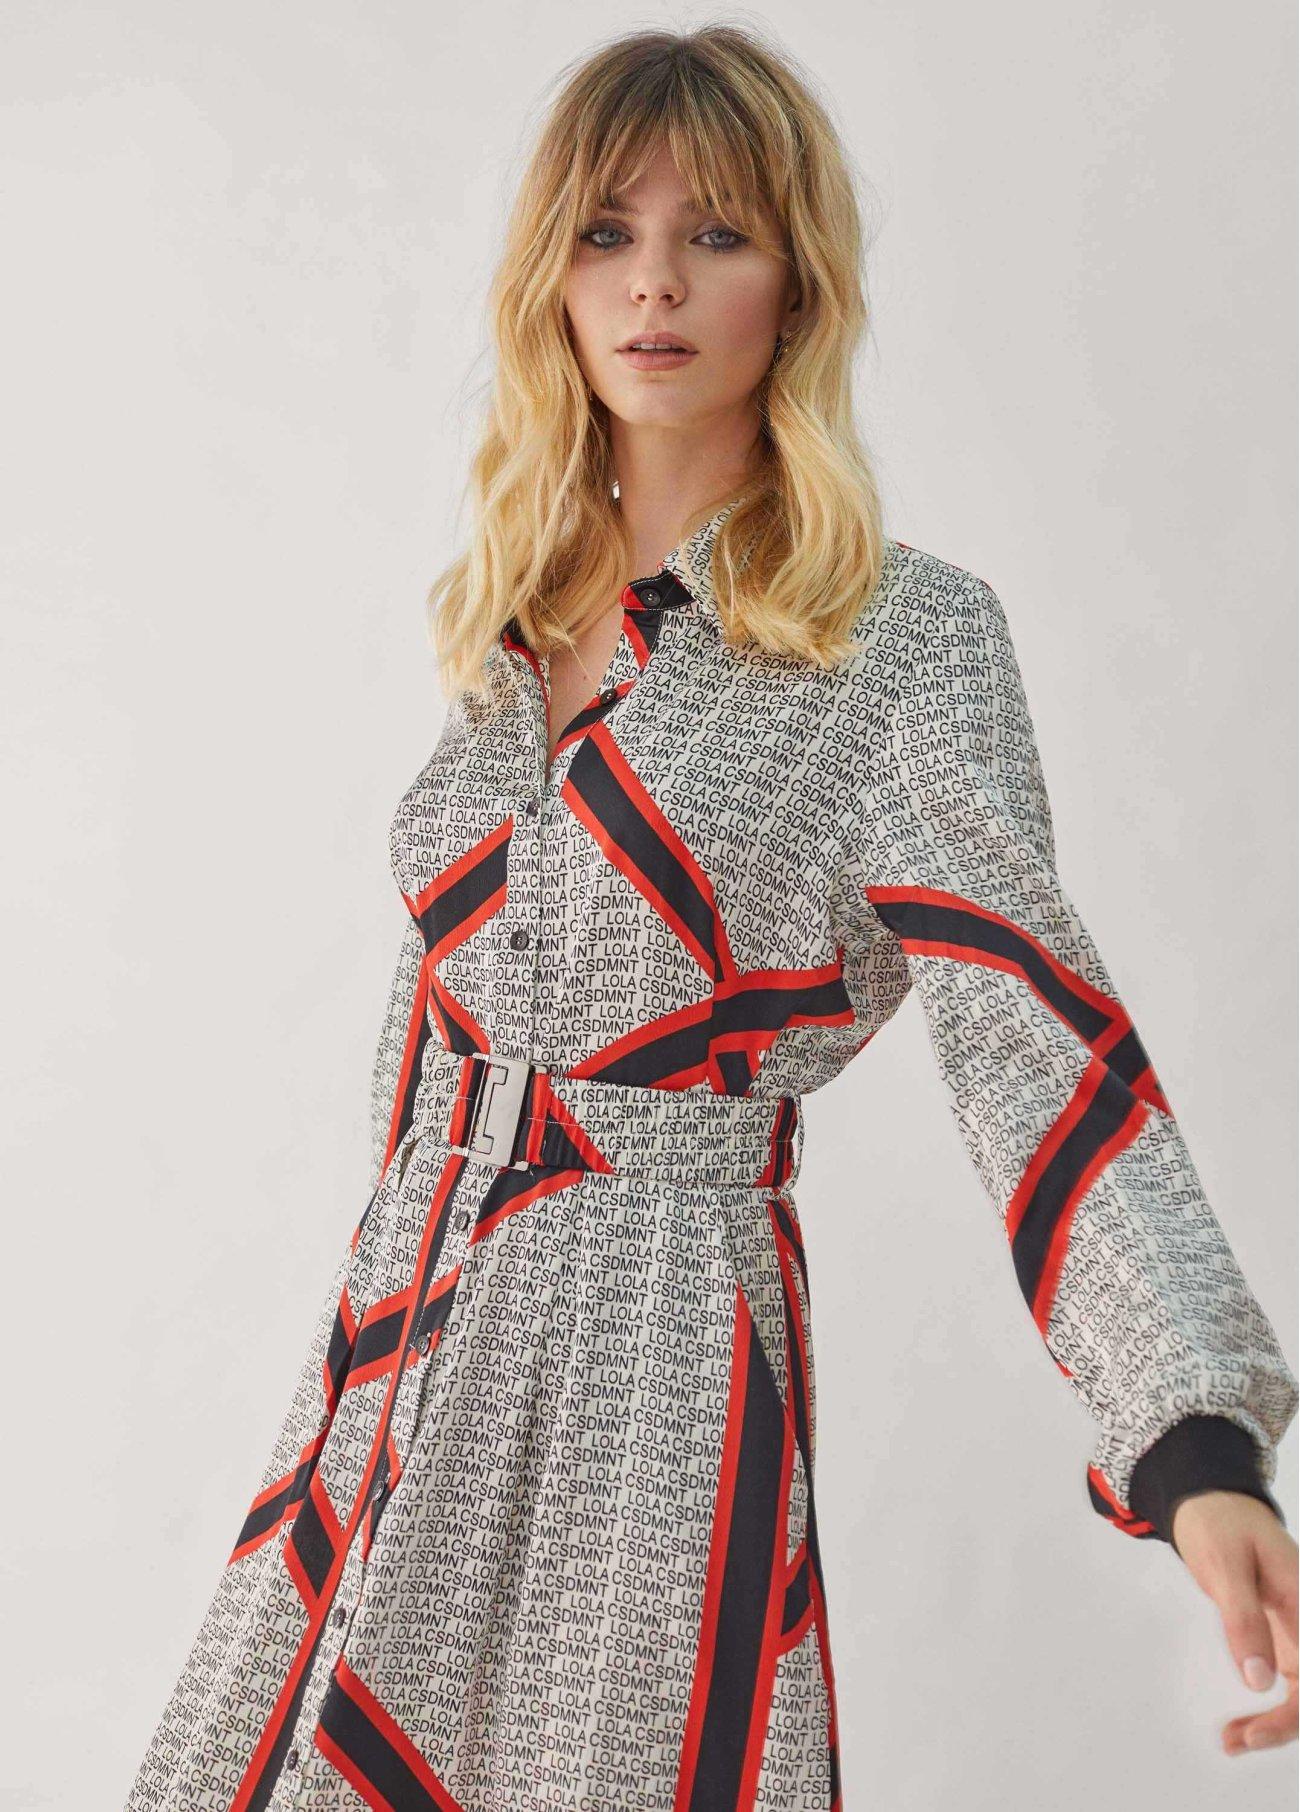 Vestido logomanía - Editors' Choice, crudo 2